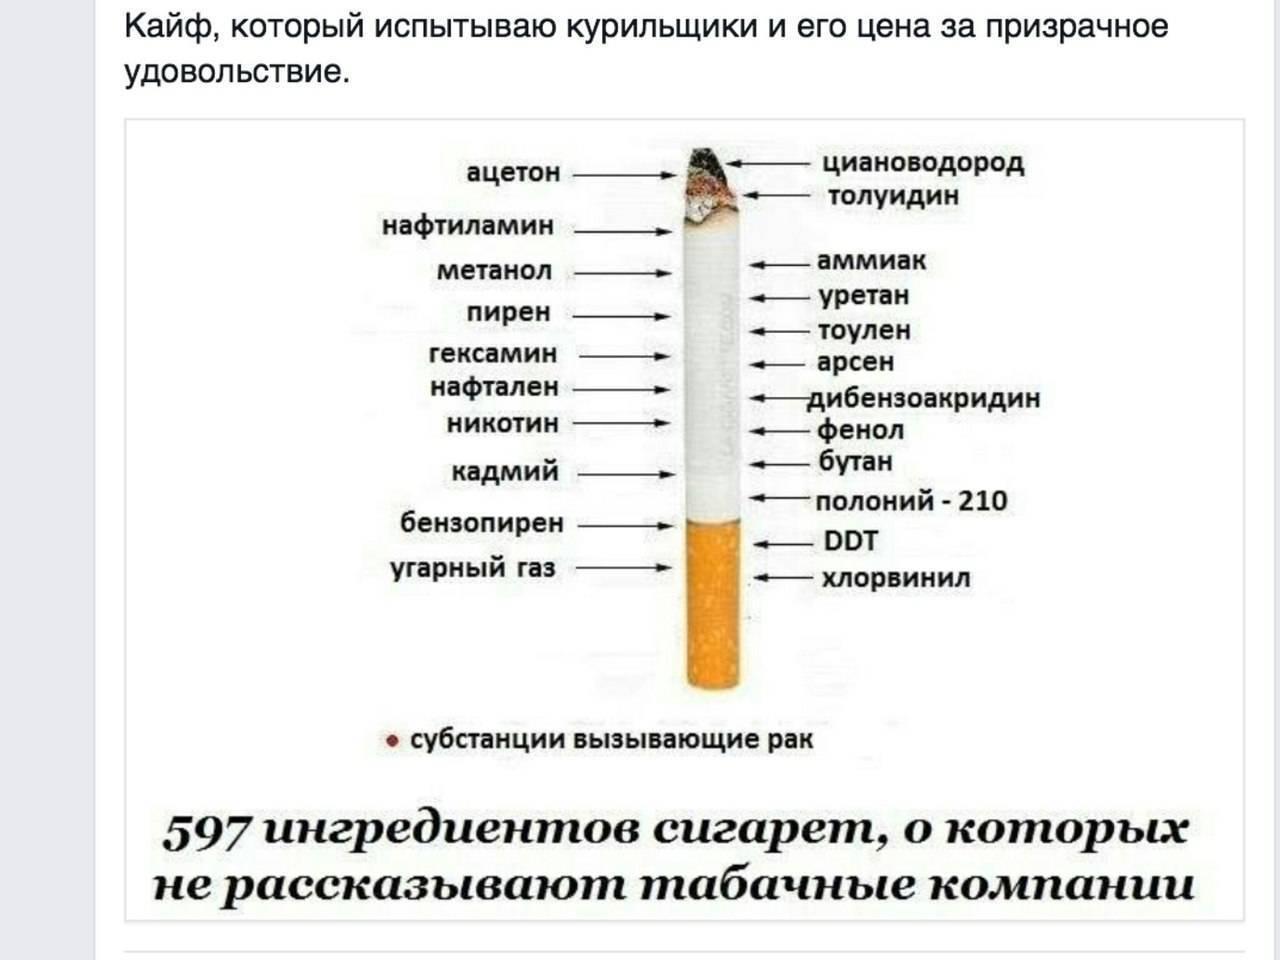 Сигареты захарова: официальный сайт, суть метода